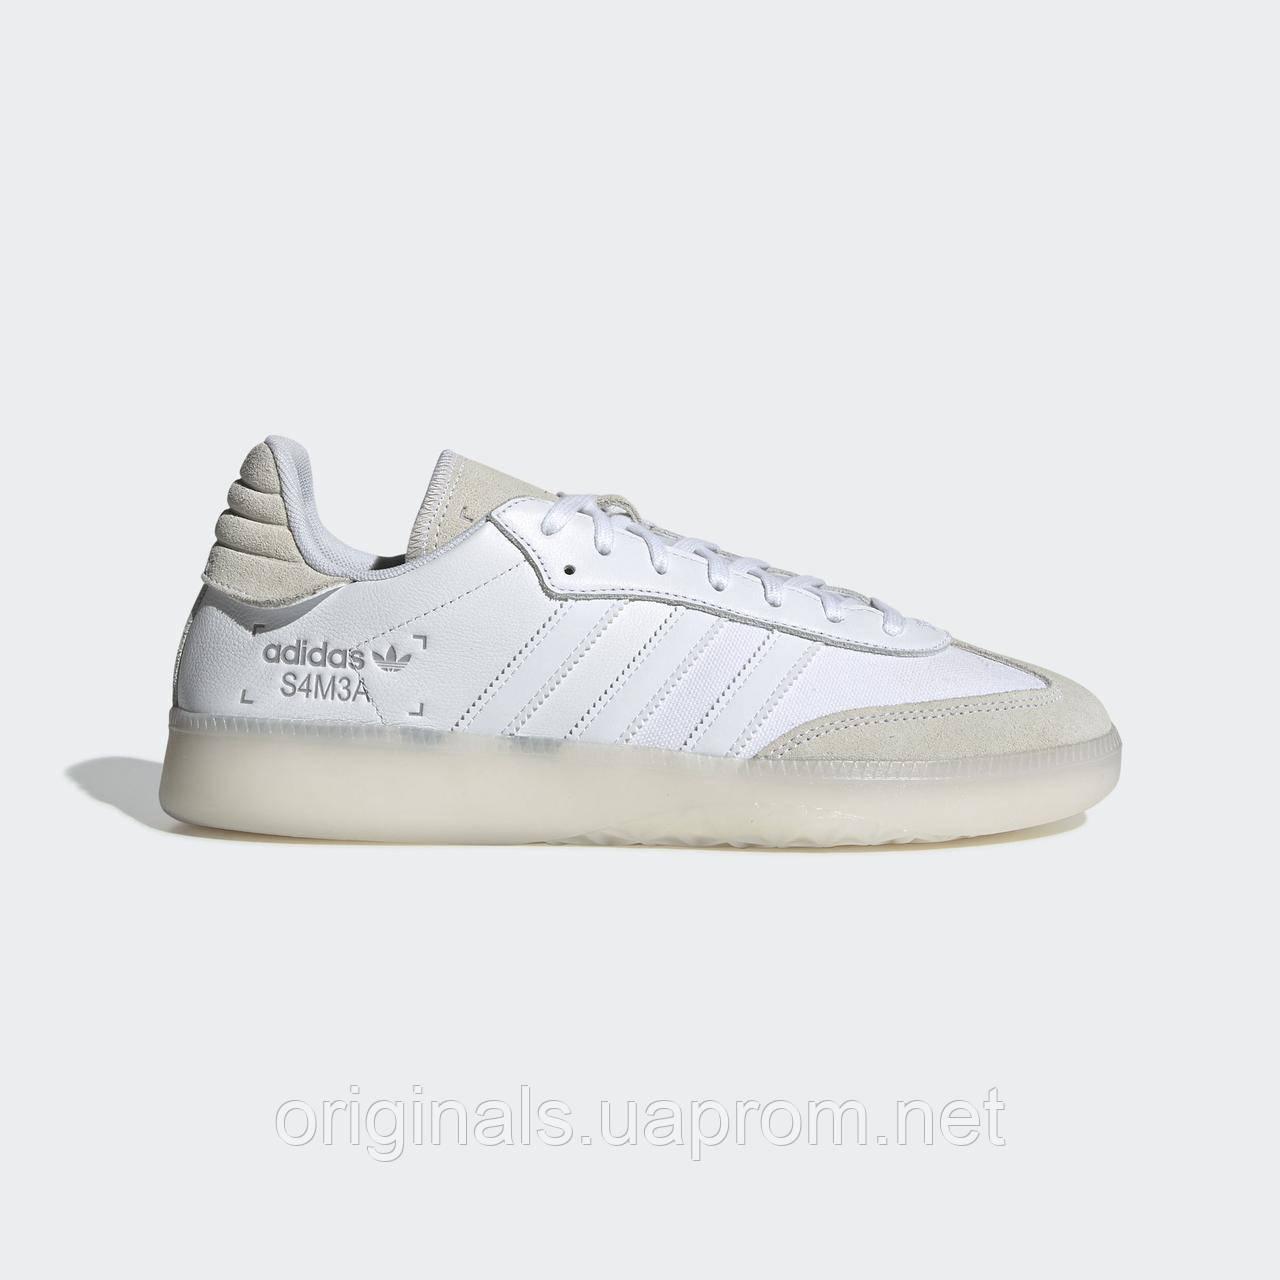 Мужские кеды Adidas Samba RM BD7486 - 2019